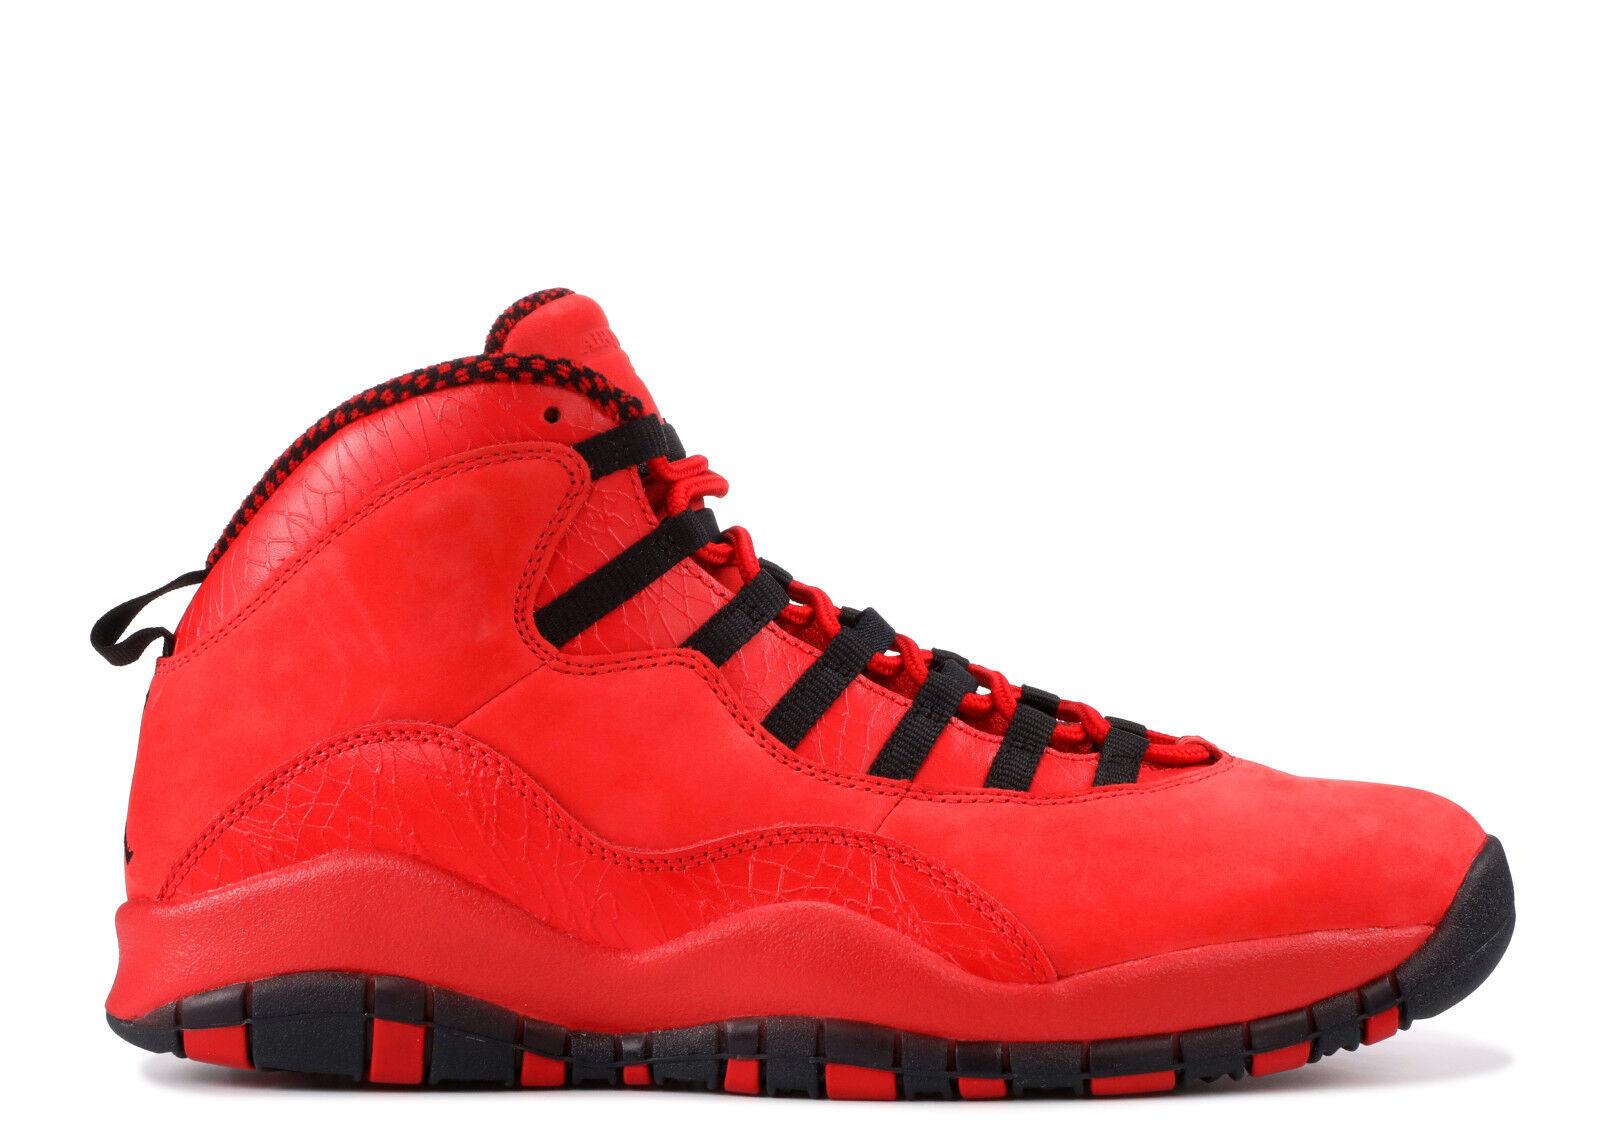 2018 Nike Air Jordan 10 X Retro HOH Steve Wiebe Red Black Size 8. AJ9100-625